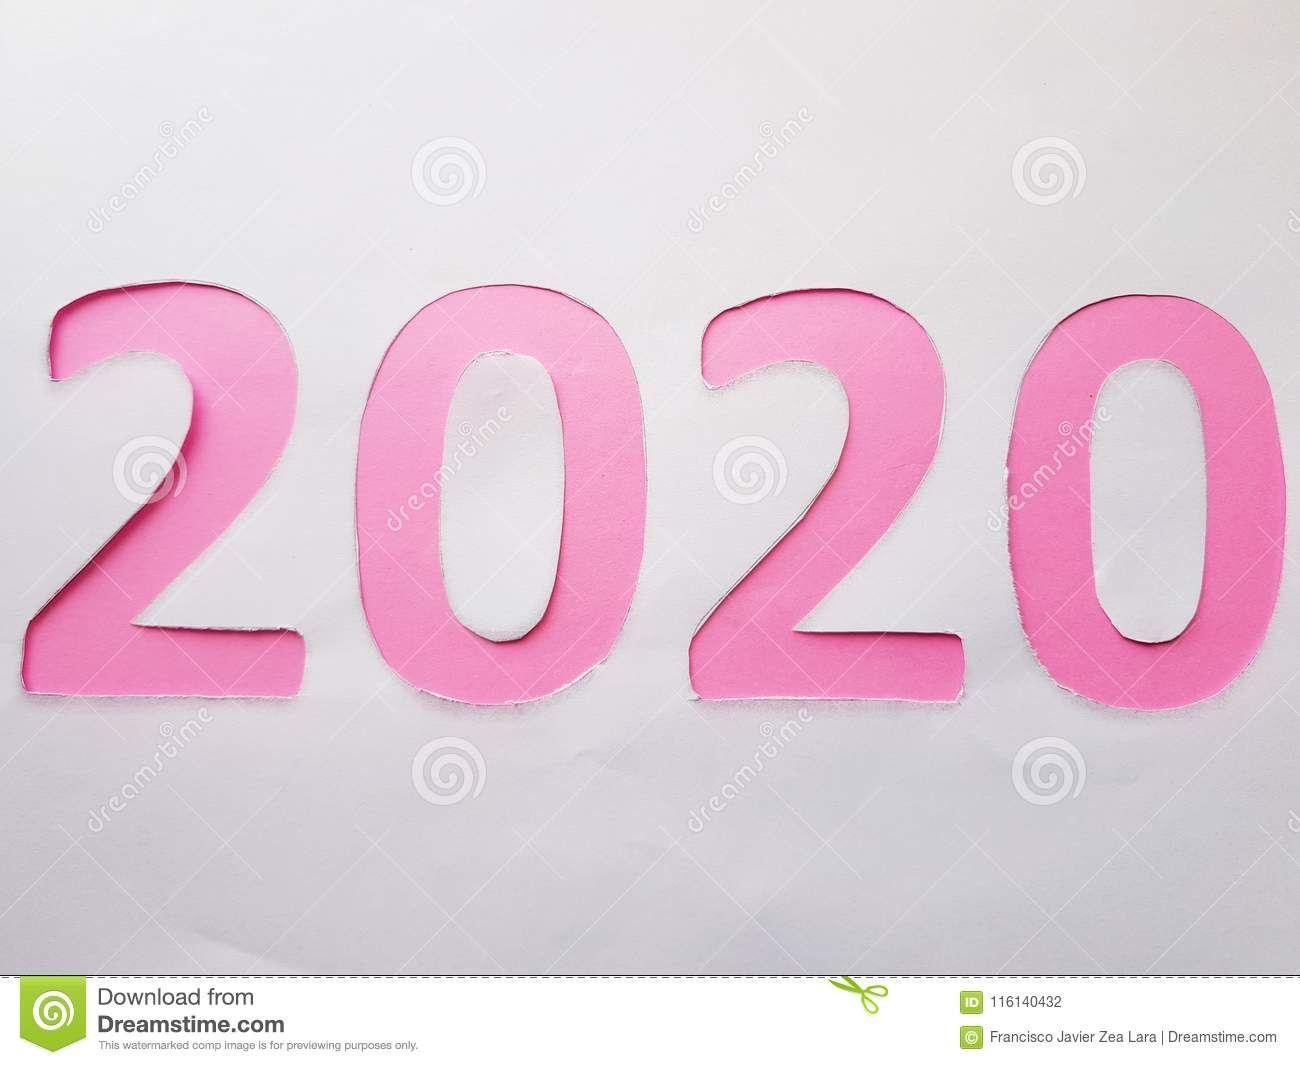 happynewyearimages020 happynewyear2020imageshd